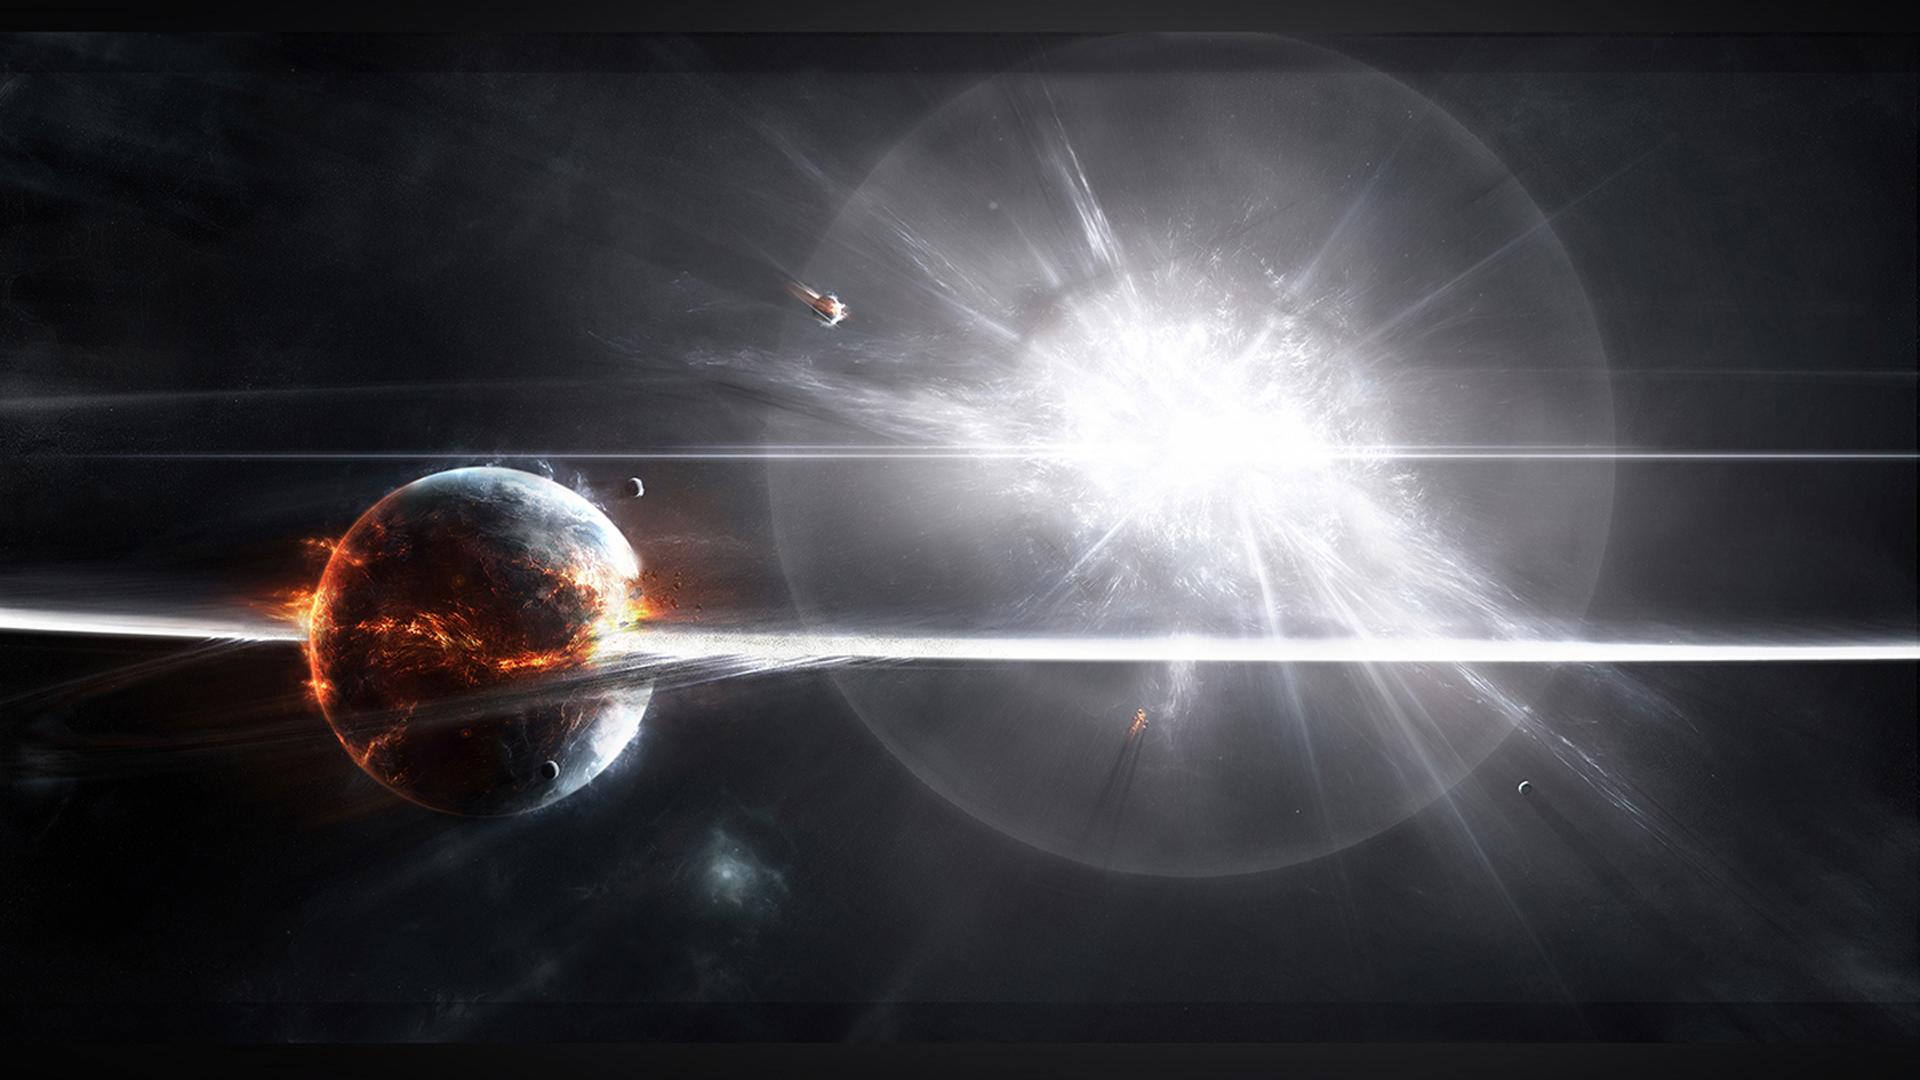 Encontrada evidencia biológica en la Tierra de una supernova